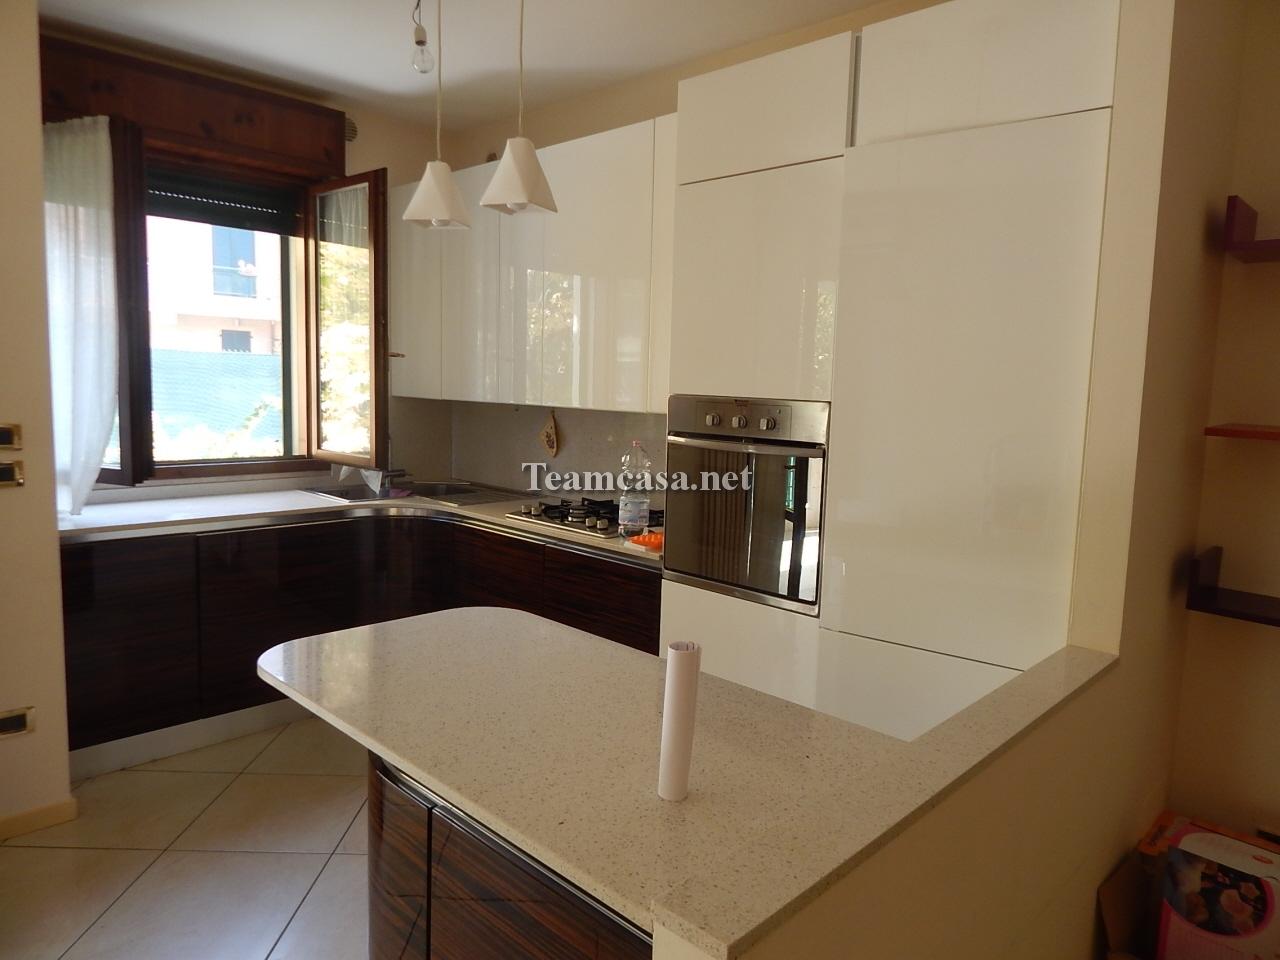 Appartamento in vendita a Pesaro, 3 locali, prezzo € 240.000 | CambioCasa.it